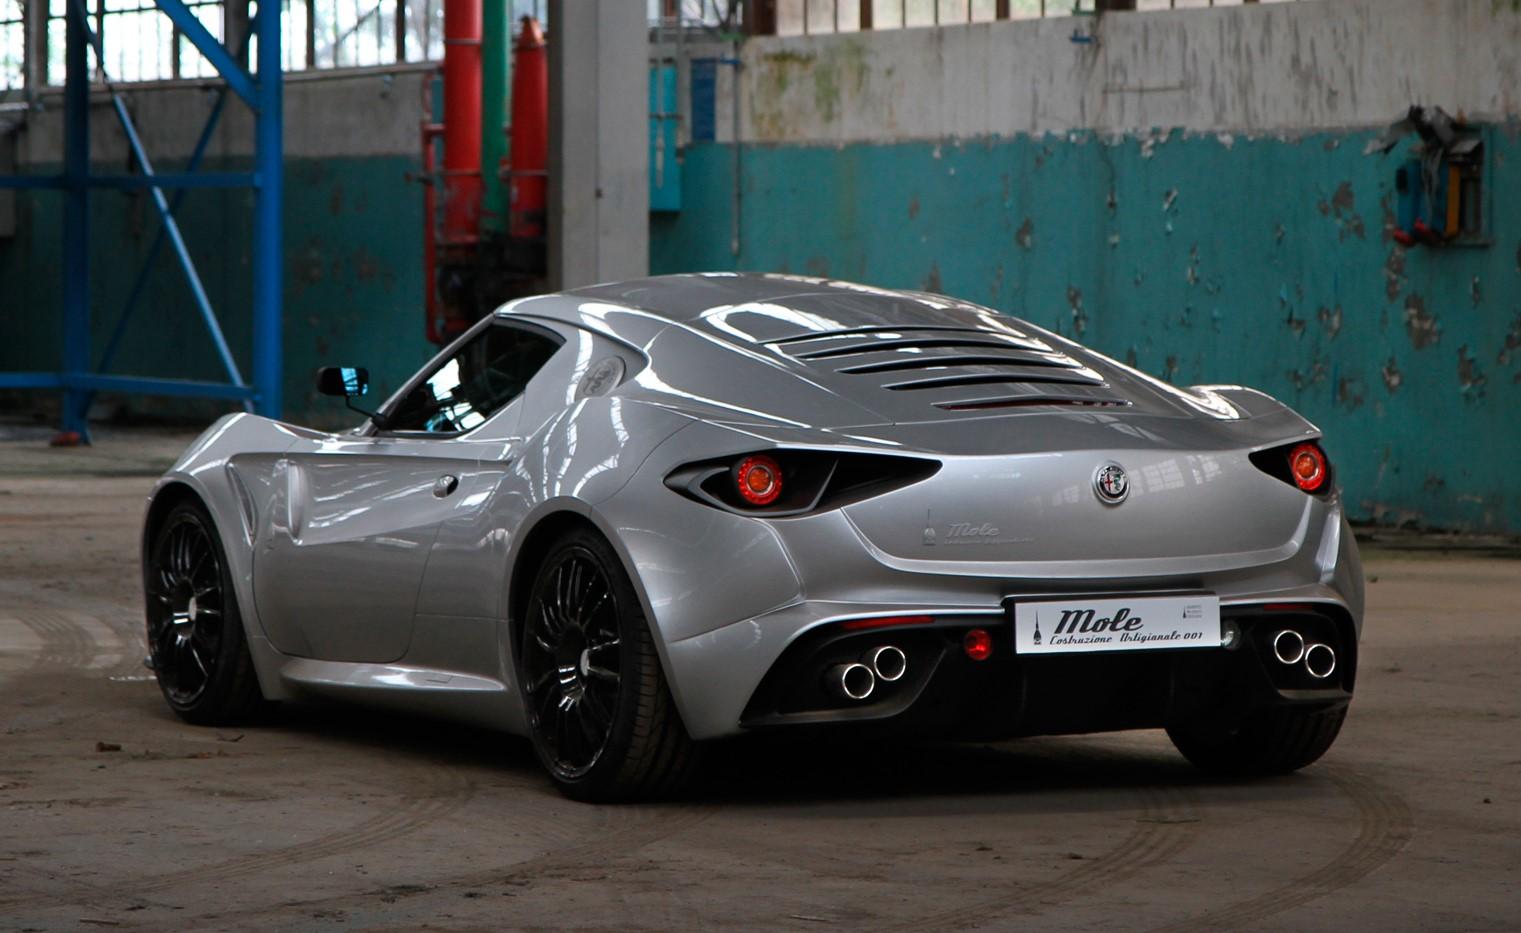 Alfa Romeo Mole